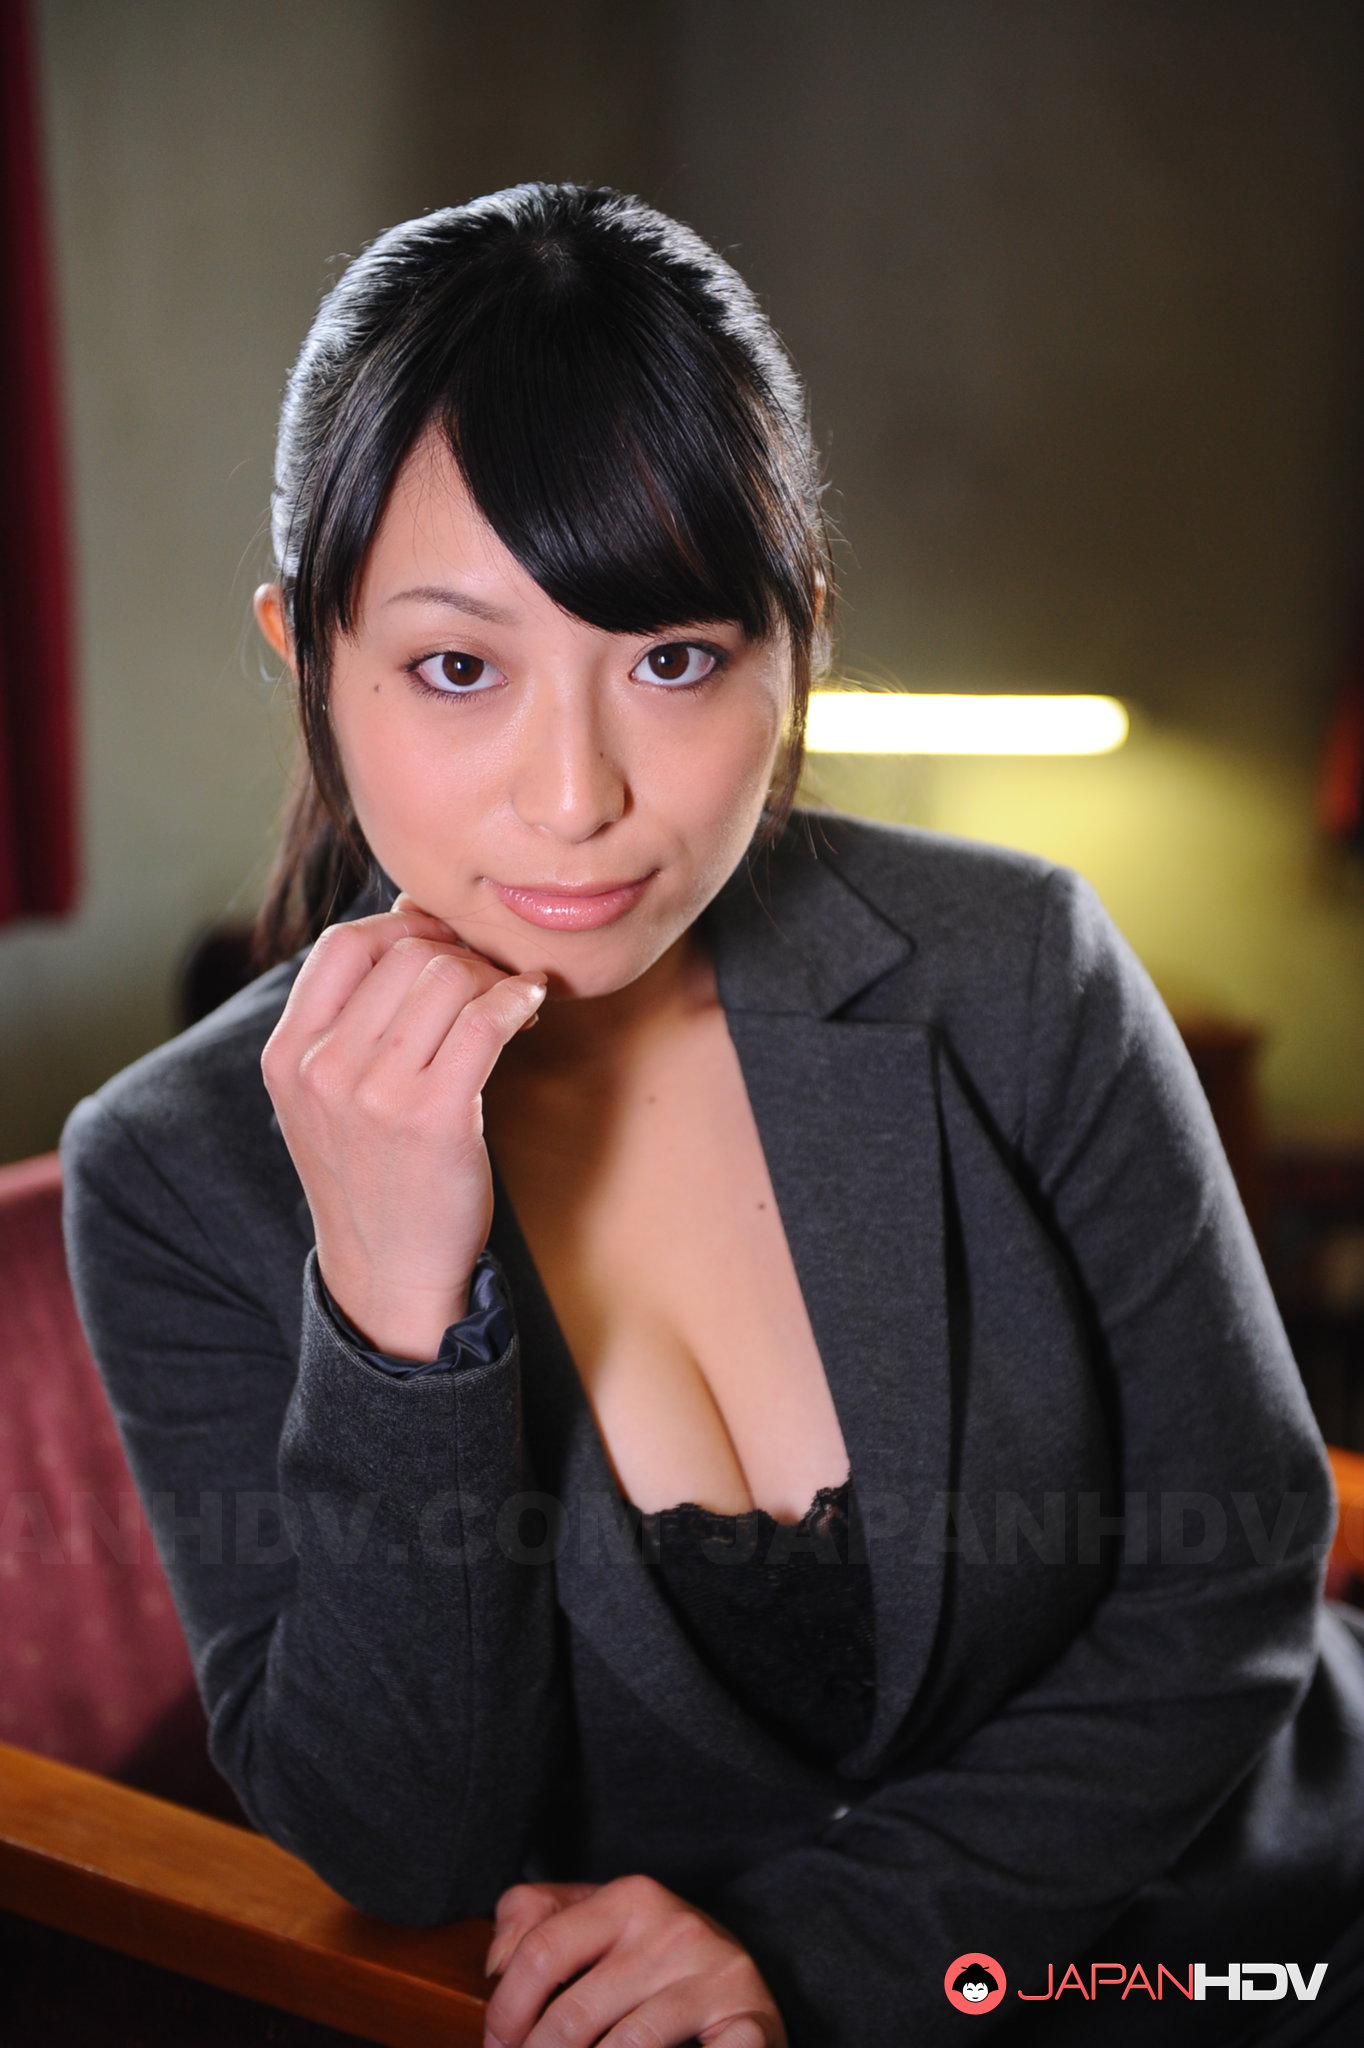 kana-aizawa JapanHDV